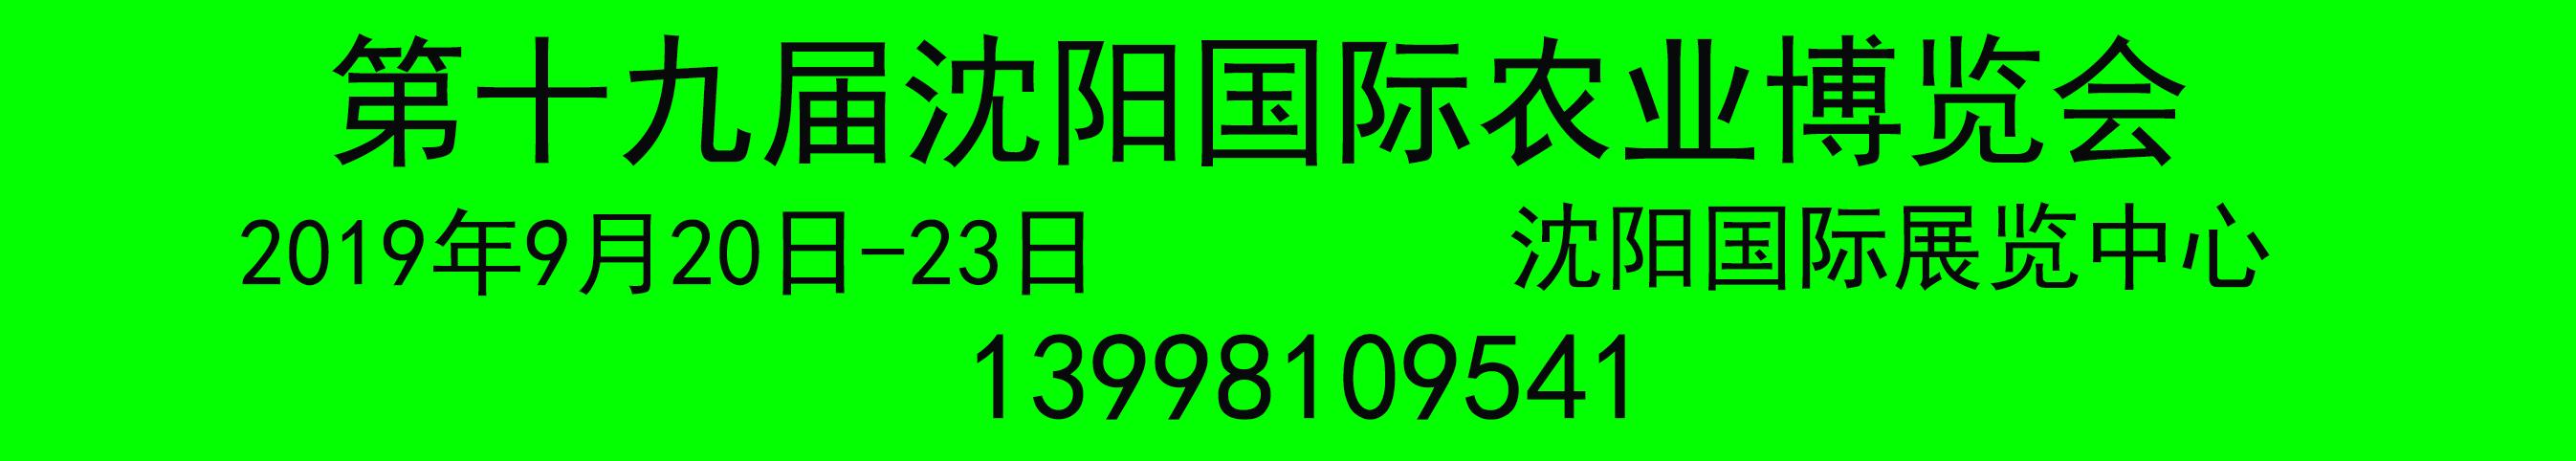 2019沈阳农博会